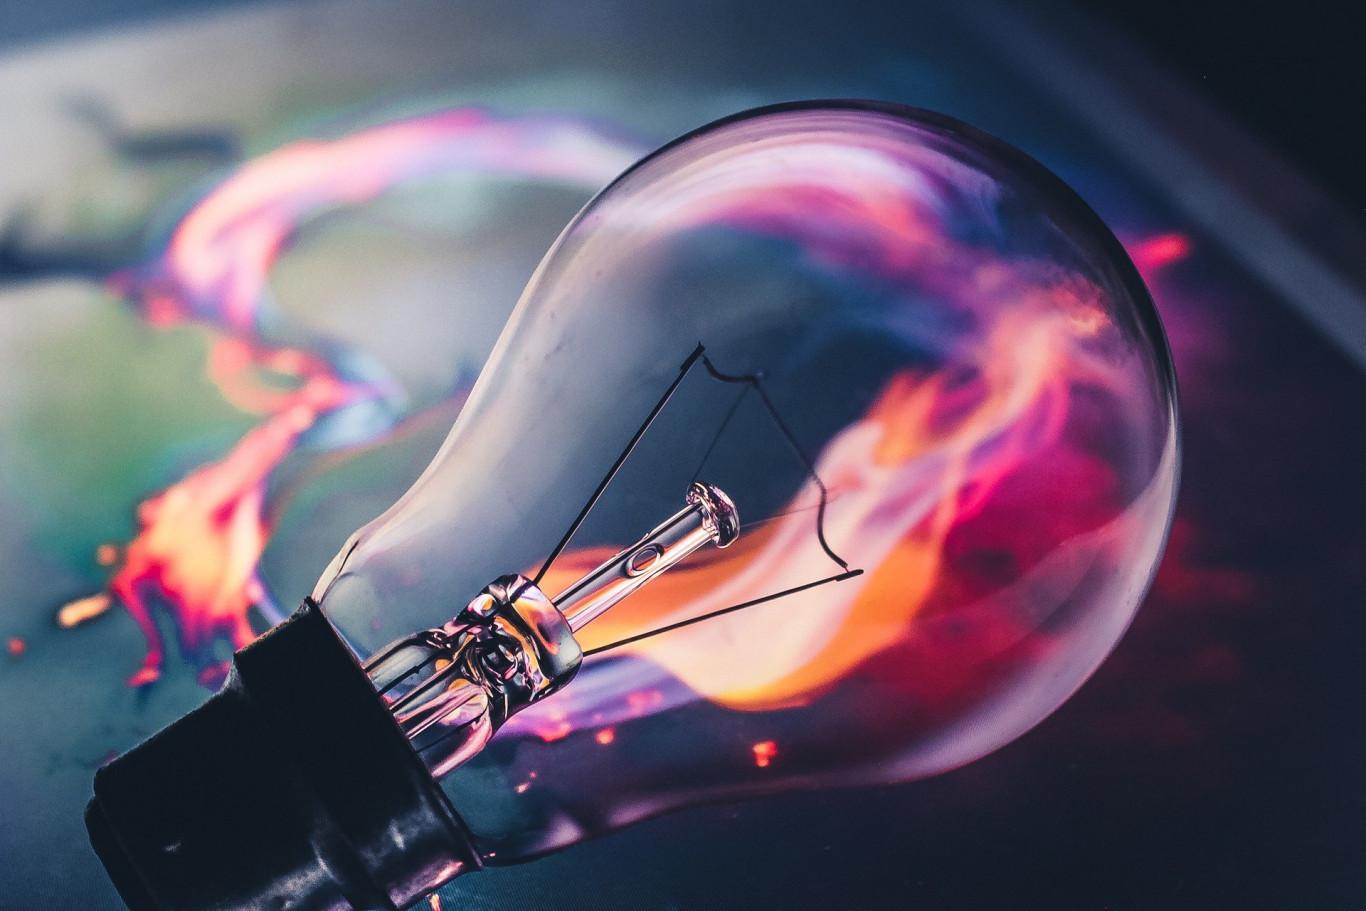 """Làm rõ các quy định về sáng chế nhằm thu hút các nhà đầu tư nước ngoài trong dự thảo sửa đổi Luật Sở hữu trí tuệ Việt Nam Làm rõ các quy định về sáng chế nhằm thu hút các nhà đầu tư nước ngoài Làm rõ các quy định về sáng chế nhằm thu hút các nhà đầu tư Làm rõ các quy định về sáng chế """"mật"""" Sửa đổi quy định về """"ngày bộc lộ"""" trong quy trình đăng ký bằng sáng chế"""